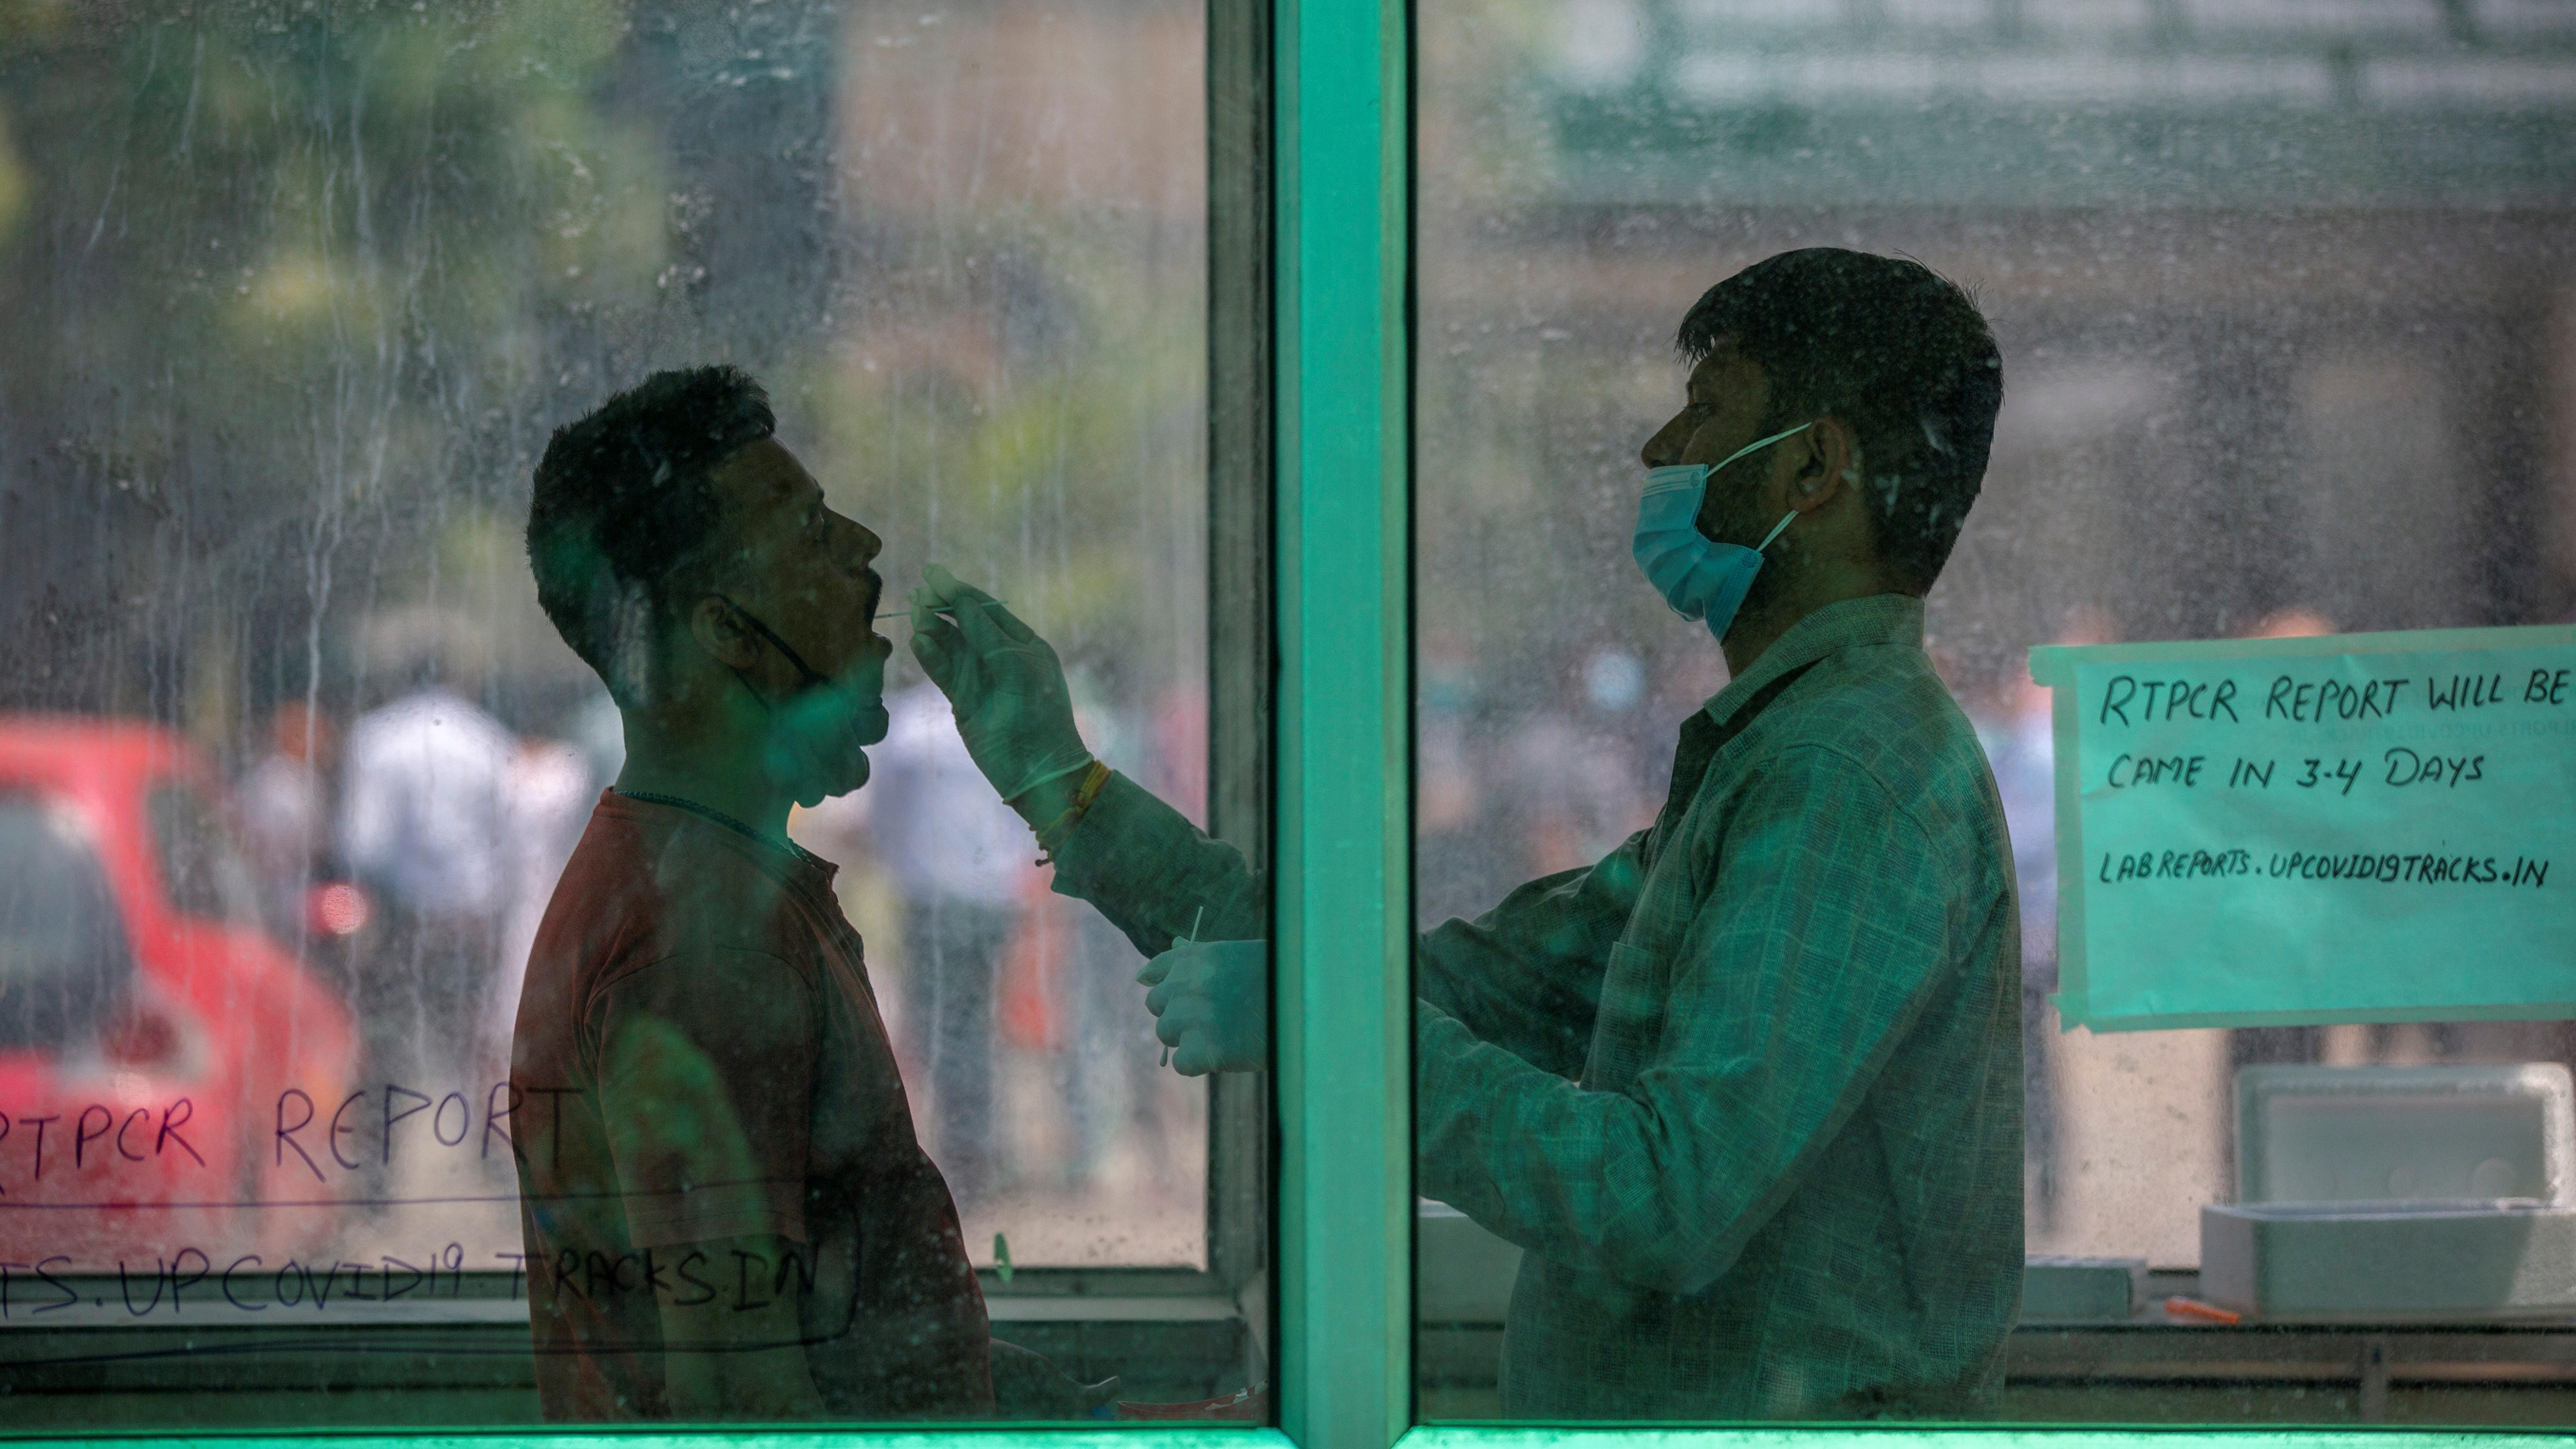 Vizsgálati mintát vesznek koronavírus-tesztre egy férfitől az Újdelhi szomszédságában fekvő Noidában 2021. április 15-én.